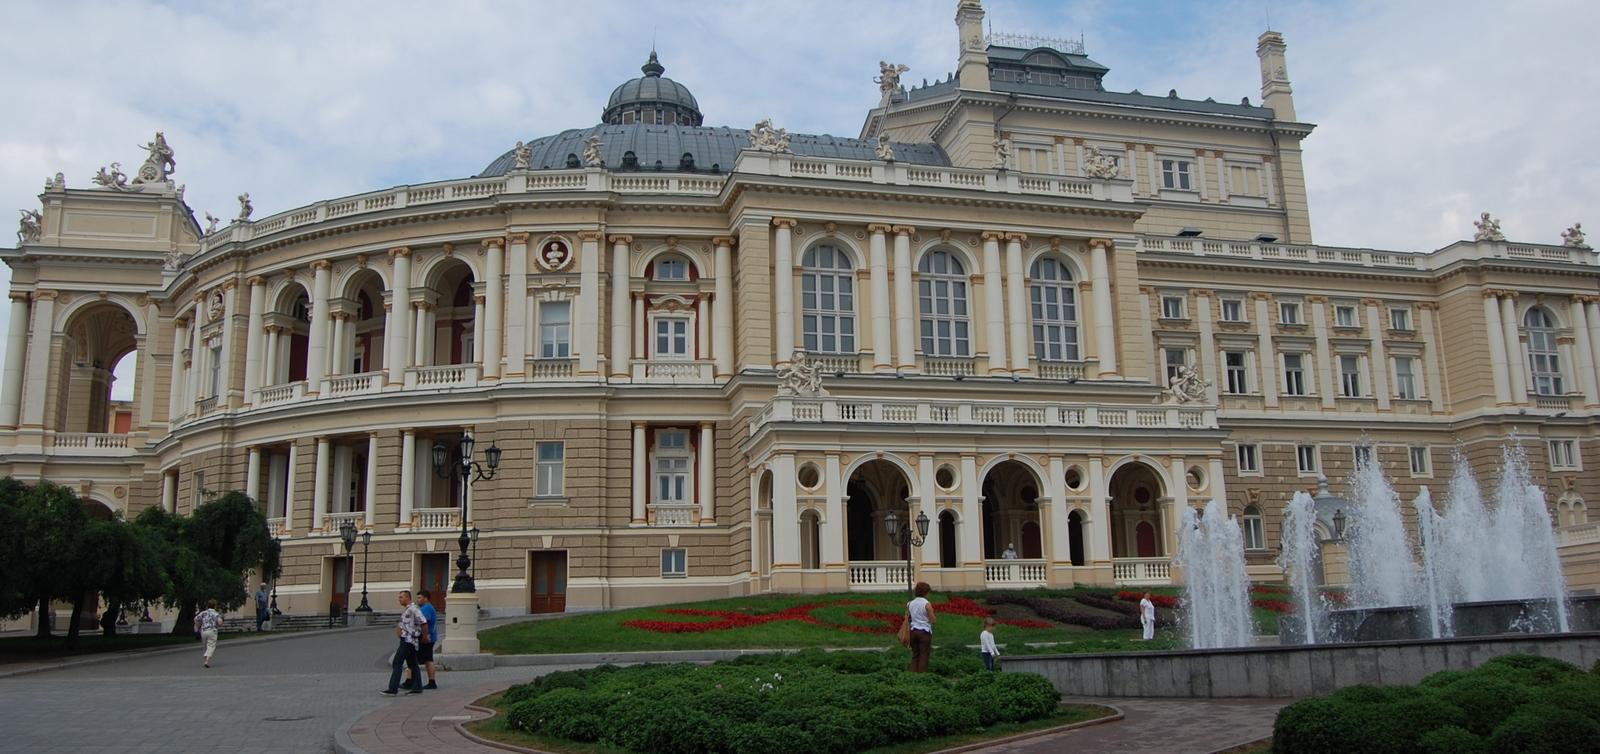 2008-08-11-ukraine-odessa-275-opera-house-9-stitch-1